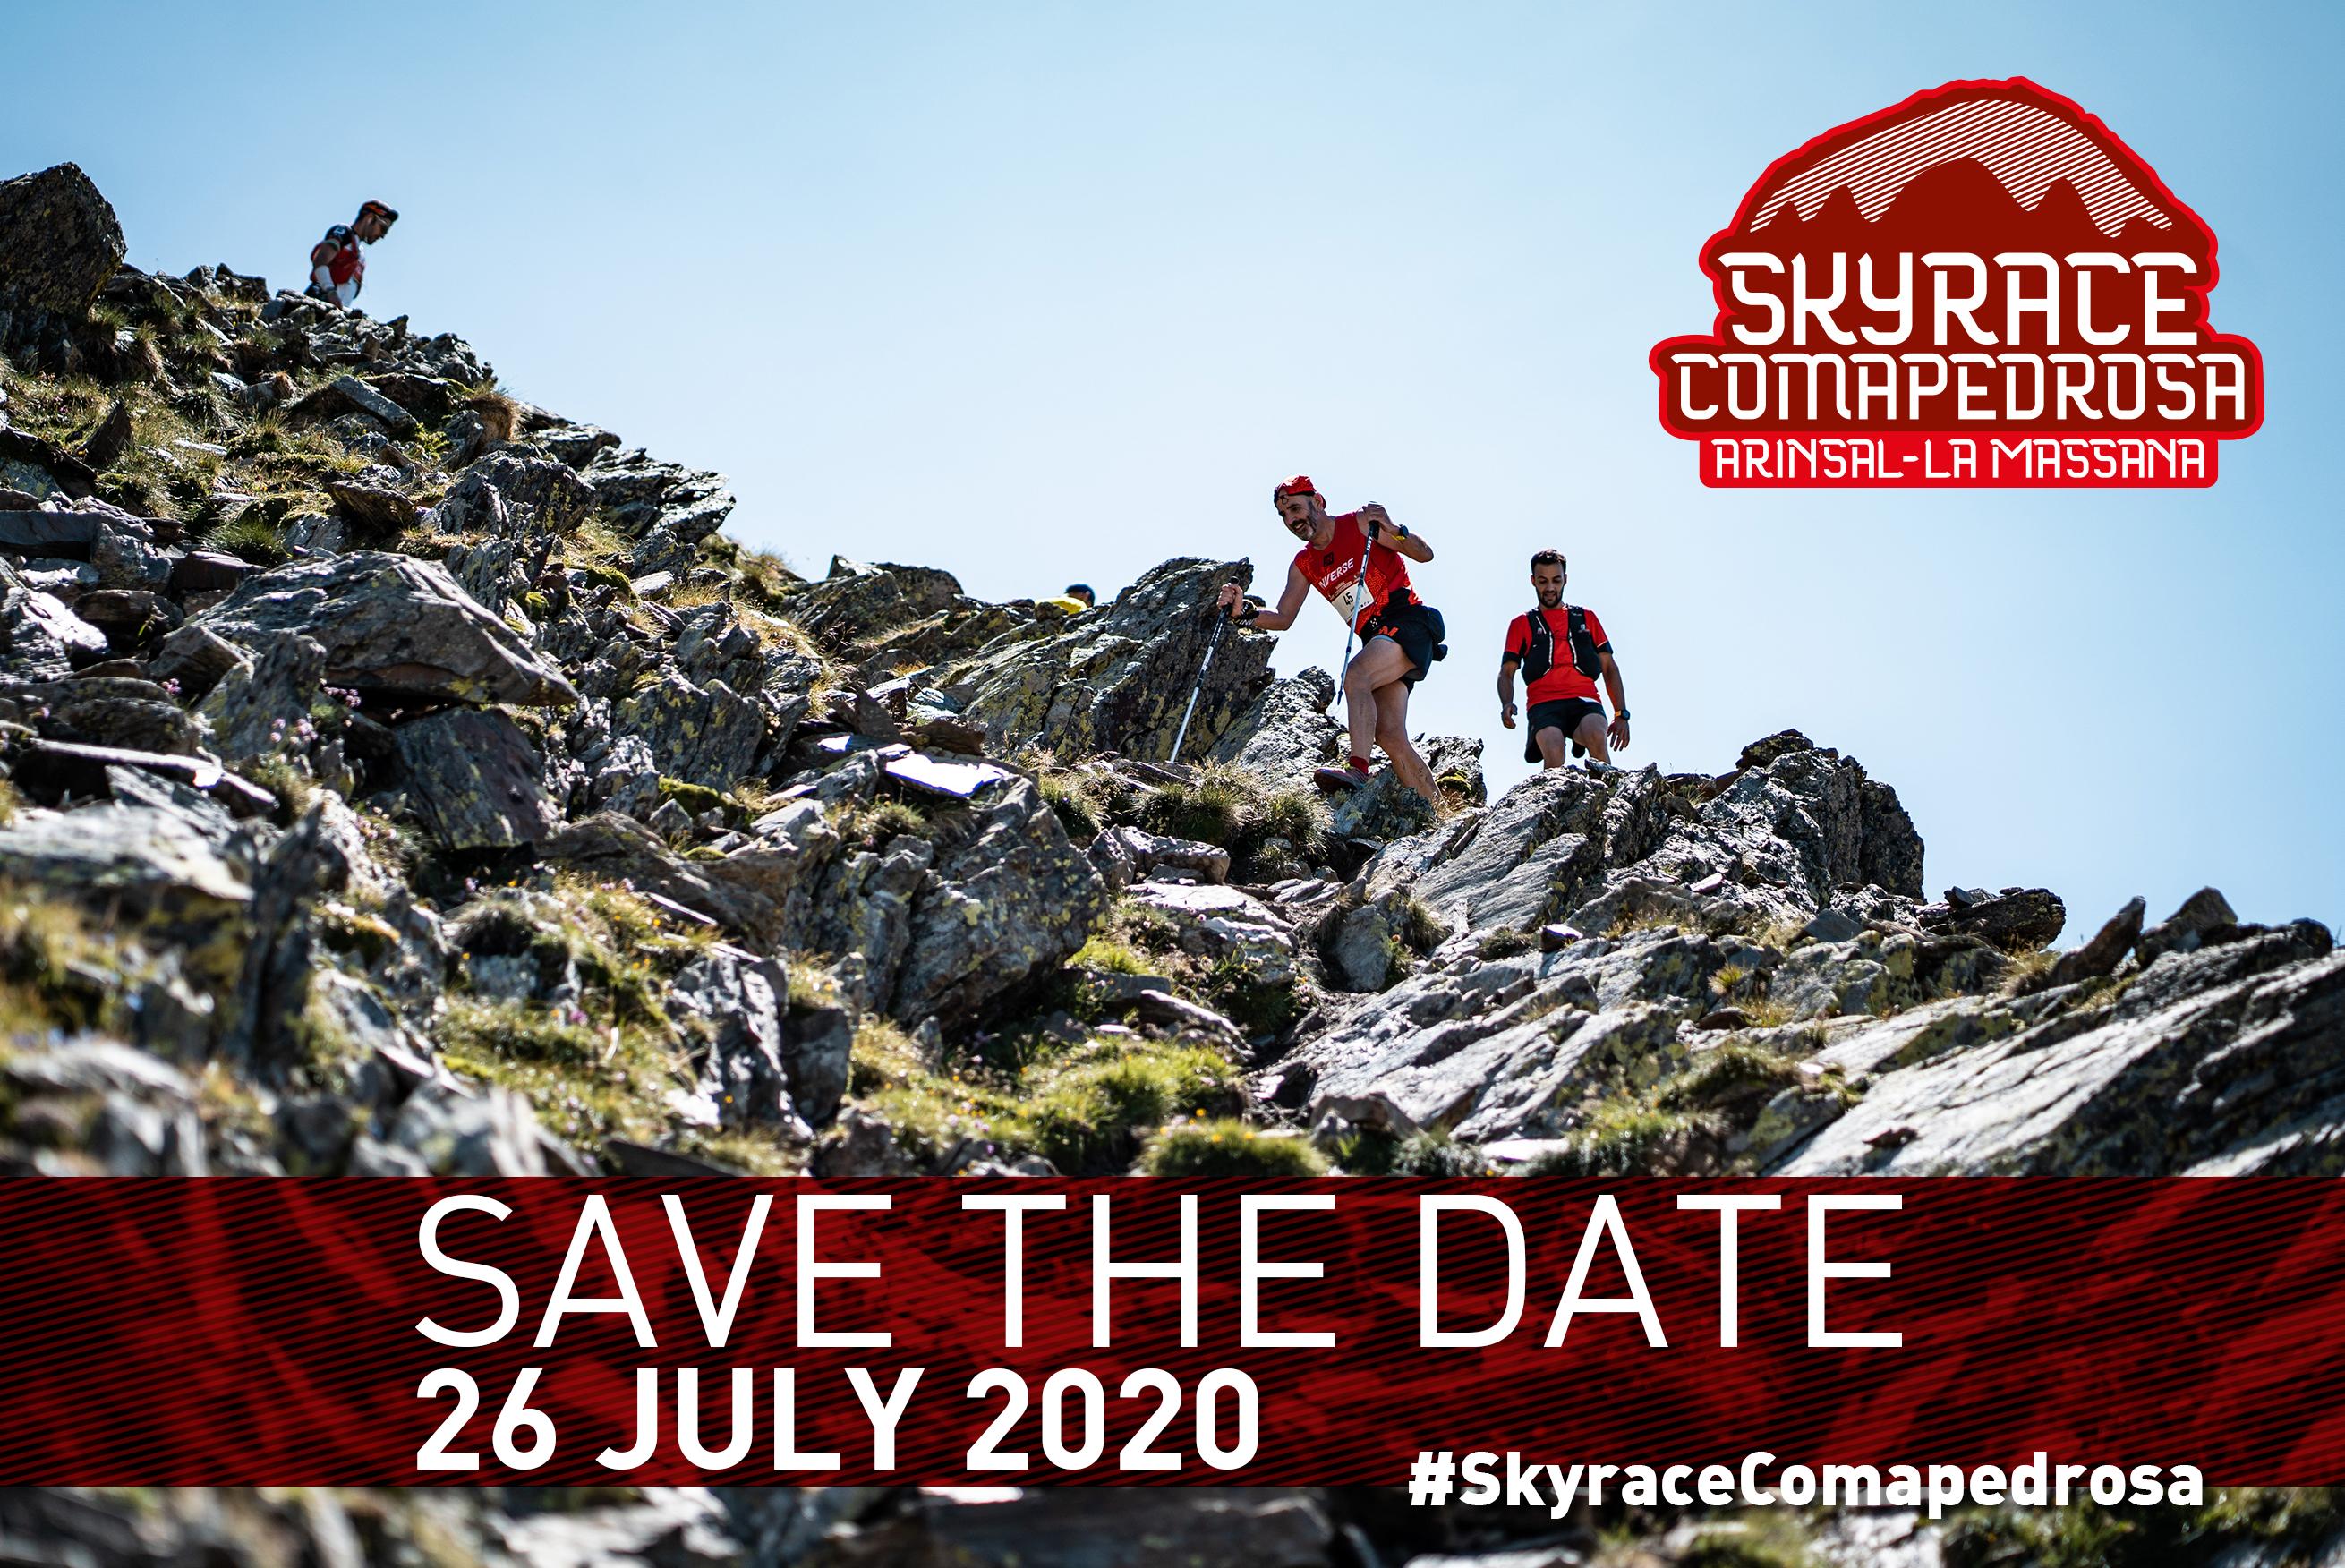 La Skyrace Comapedrosa de 2020 ya tiene fecha. Será el 26 de julio y de nuevo formará parte de las Migu Run Skyrunner World Series